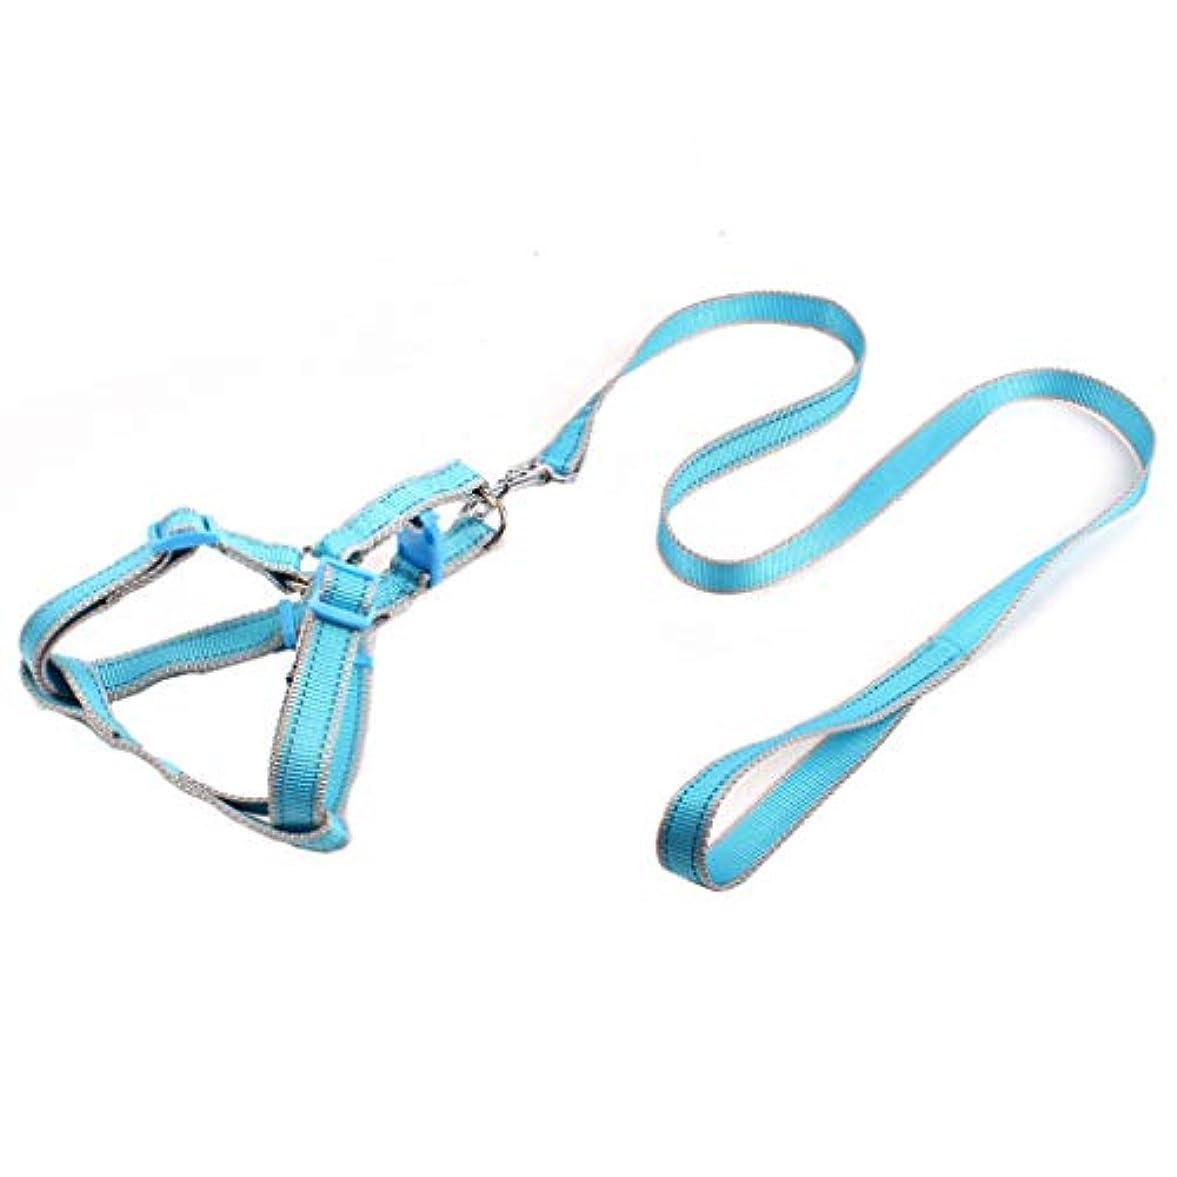 クラック和解する等トラクションロープ、ペットナイロンリーシュと犬の胸のストラップ (色 : 青, サイズ さいず : S s)